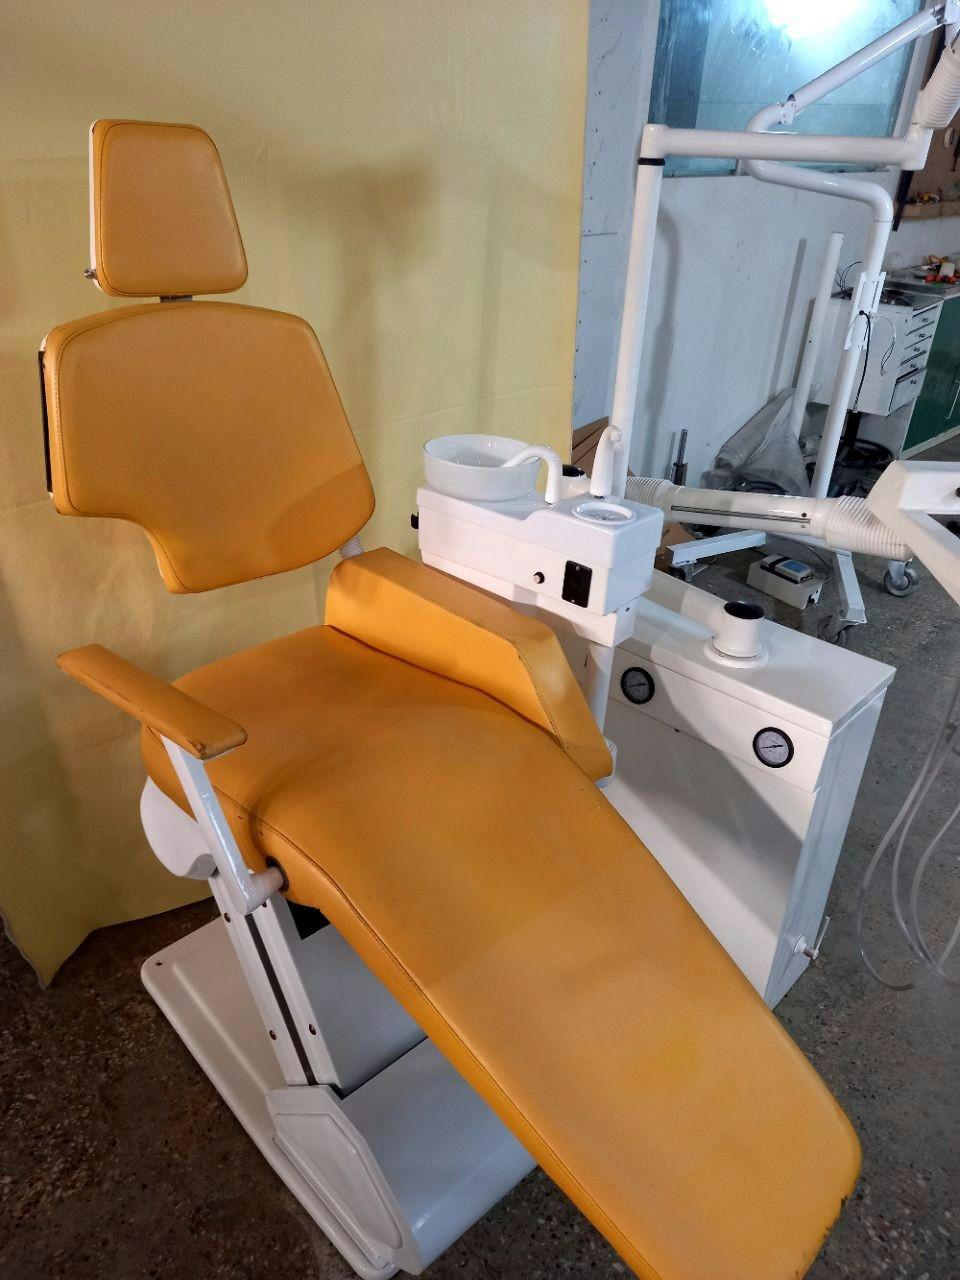 فروش یونیت صندلی پارس2001k